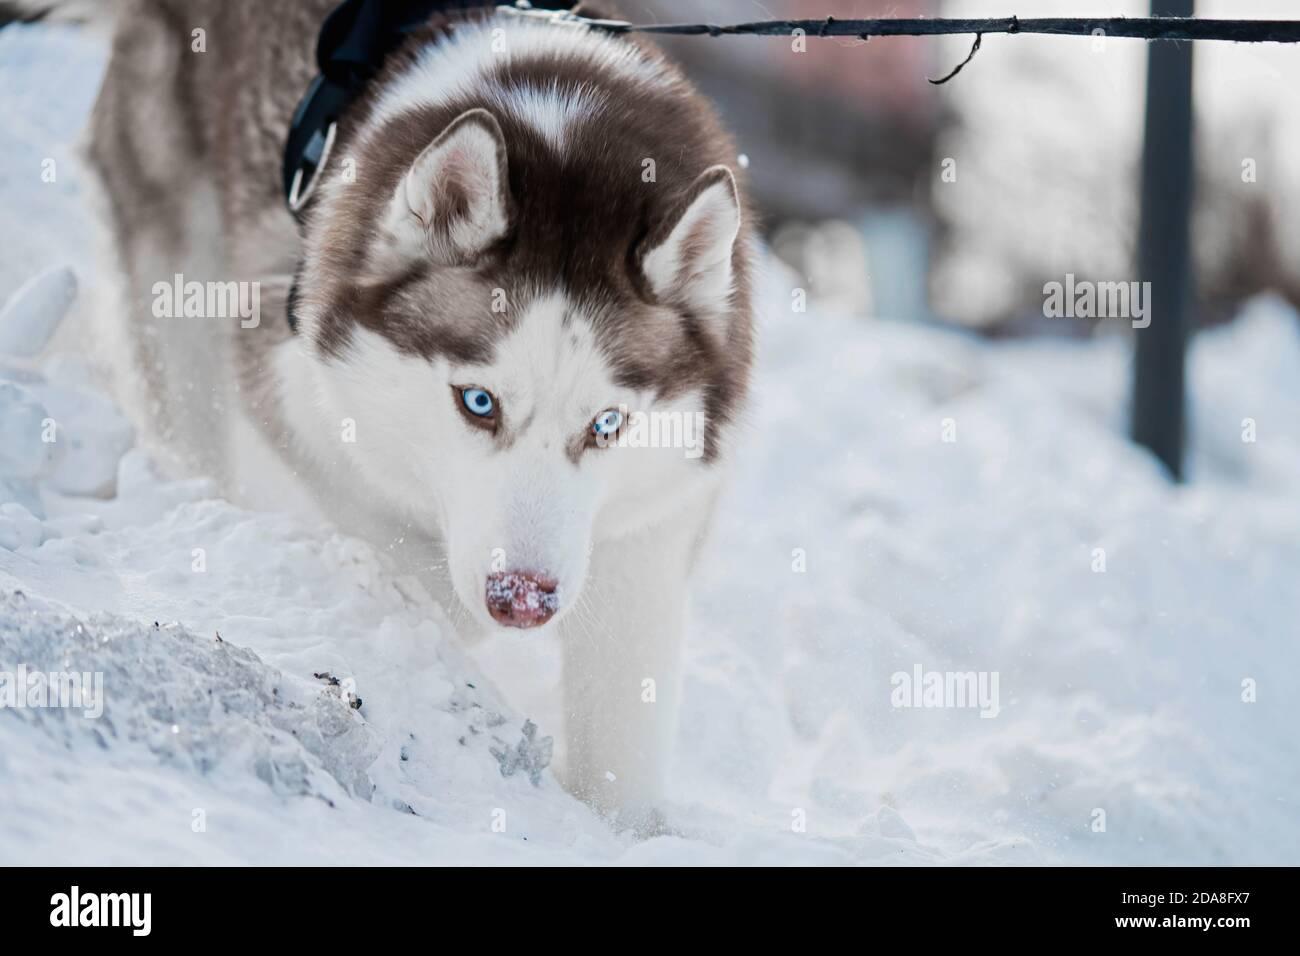 Chien Husky mignon avec grands yeux bleus marchant dans un parc contemporain moderne le jour de l'hiver. Banque D'Images